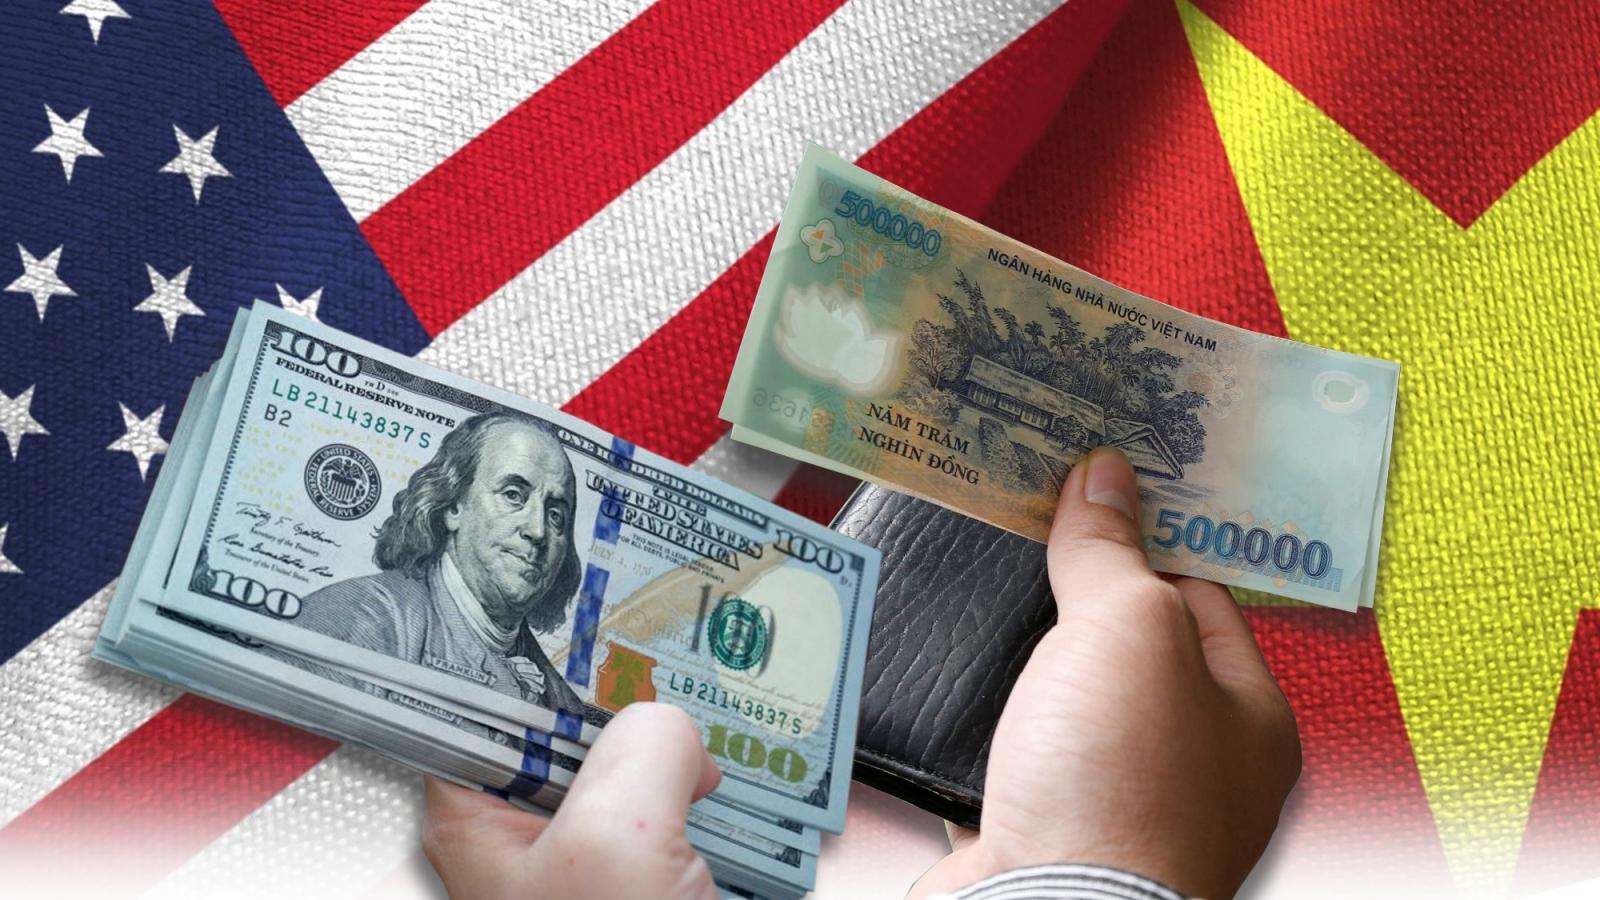 """Mỹ gắn mác """"thao túng tiền tệ"""" với Việt Nam: Hiểu đúng bản chất để hành động"""